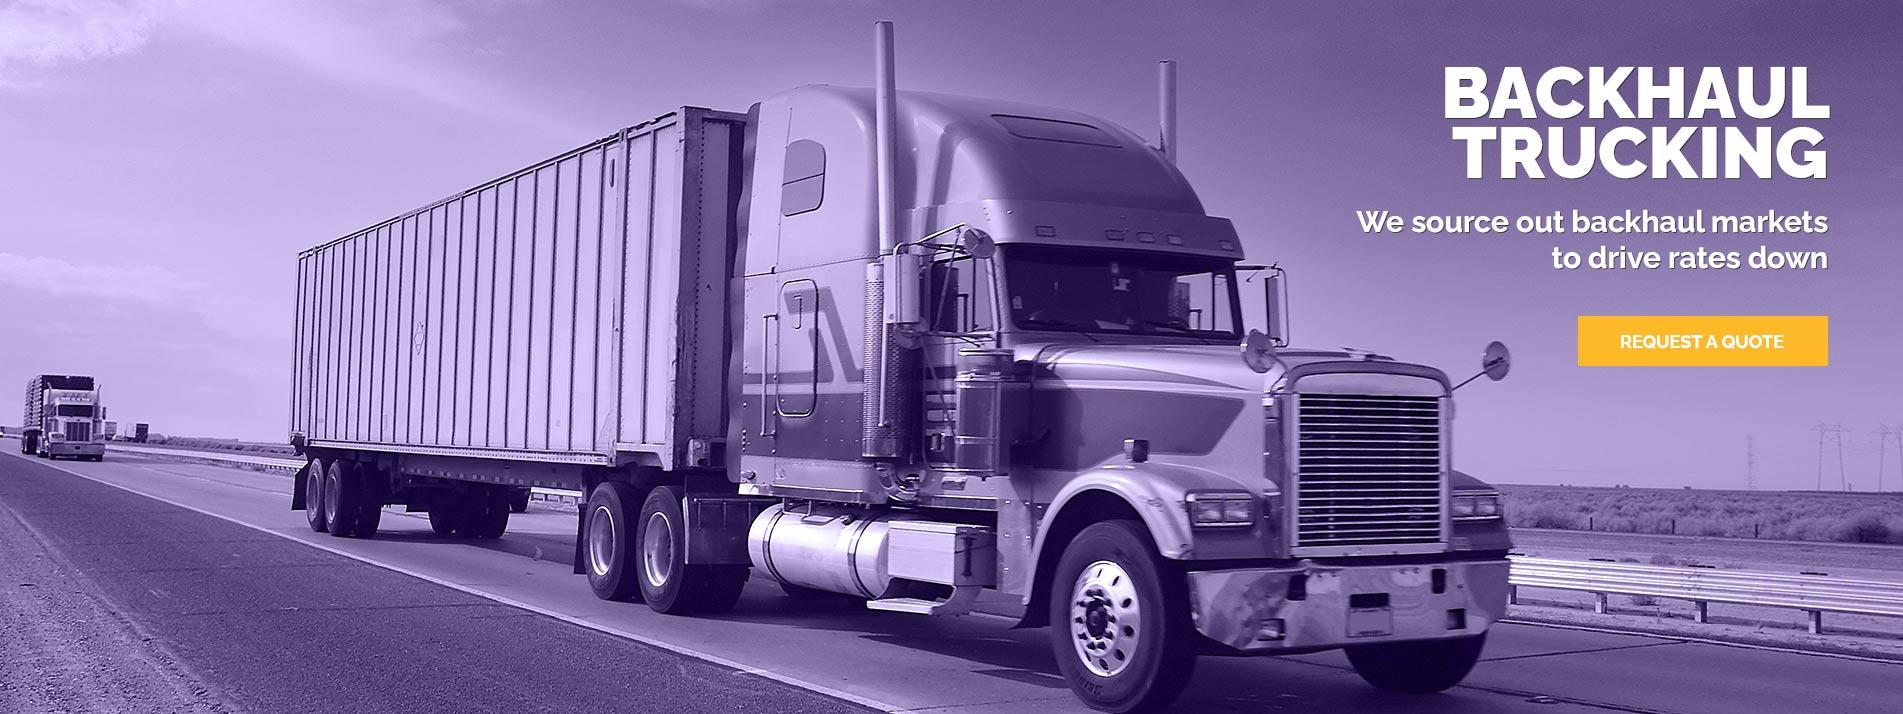 Backhaul Trucking